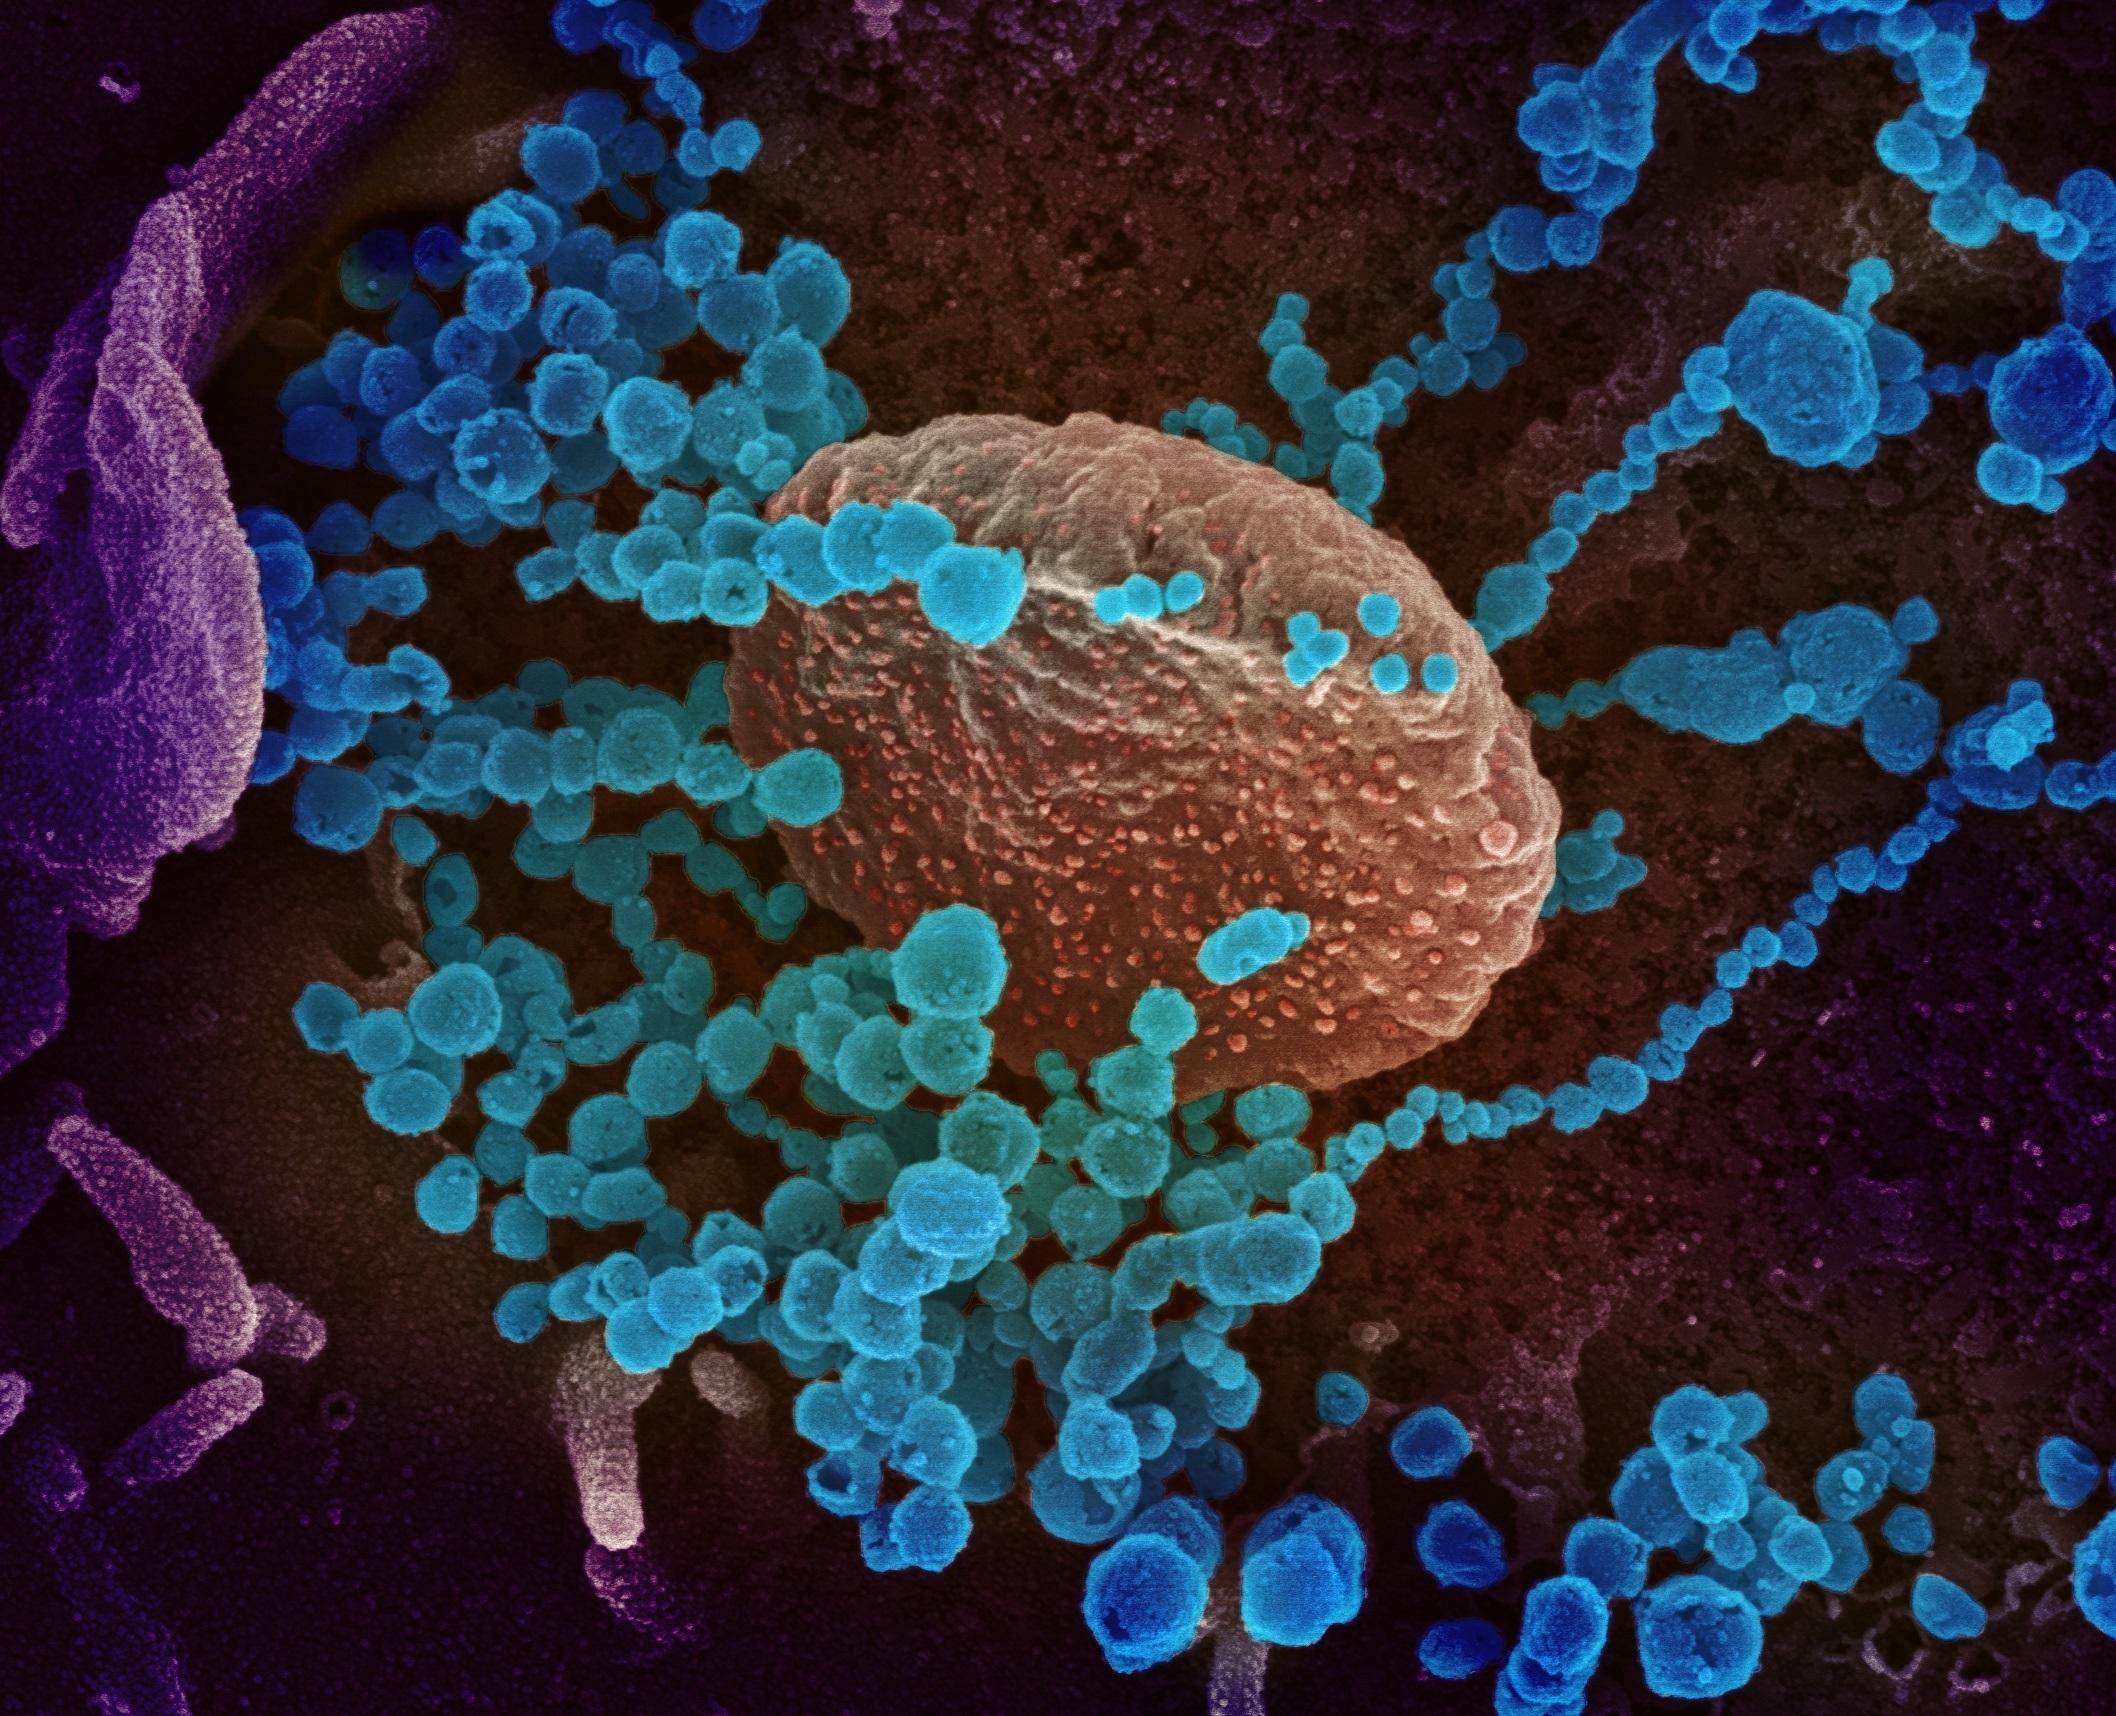 SALUD. Fotografía cedida por el Instituto Nacional de Alergias y Enfermedades Infecciosas y los Laboratorios Rocky Mountain de una imagen de microscopio electrónico que muestra (objetos en azul) al SARS-CoV-2, el virus que causa el brote del coronavirus COVID-19, emergiendo de la superficie de las células cultivadas en el laboratorio. | Foto: Efe.